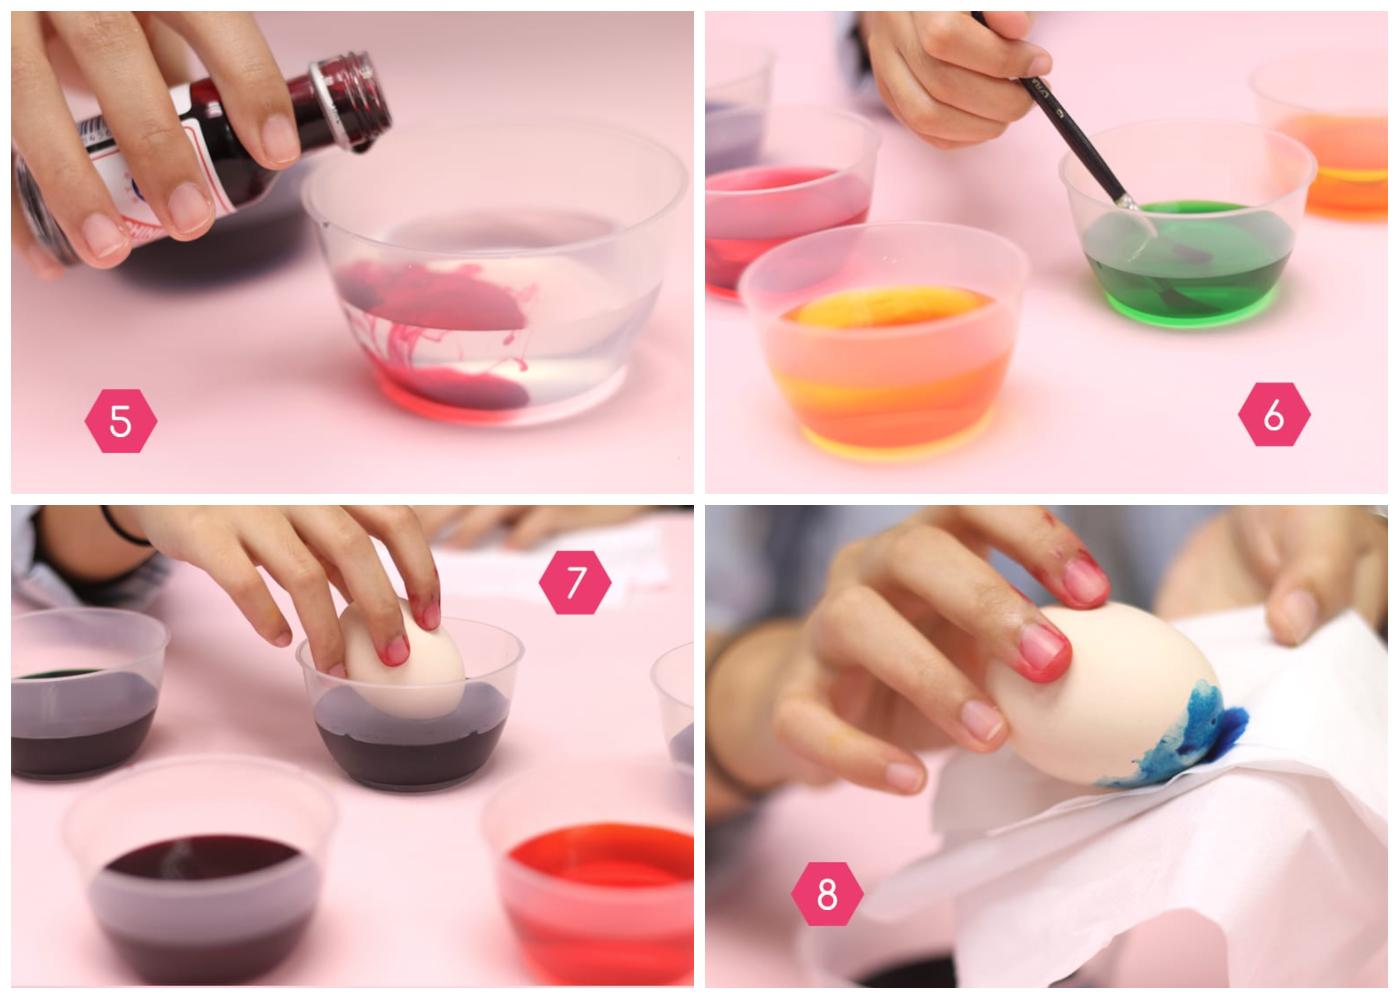 rainbow eggs method